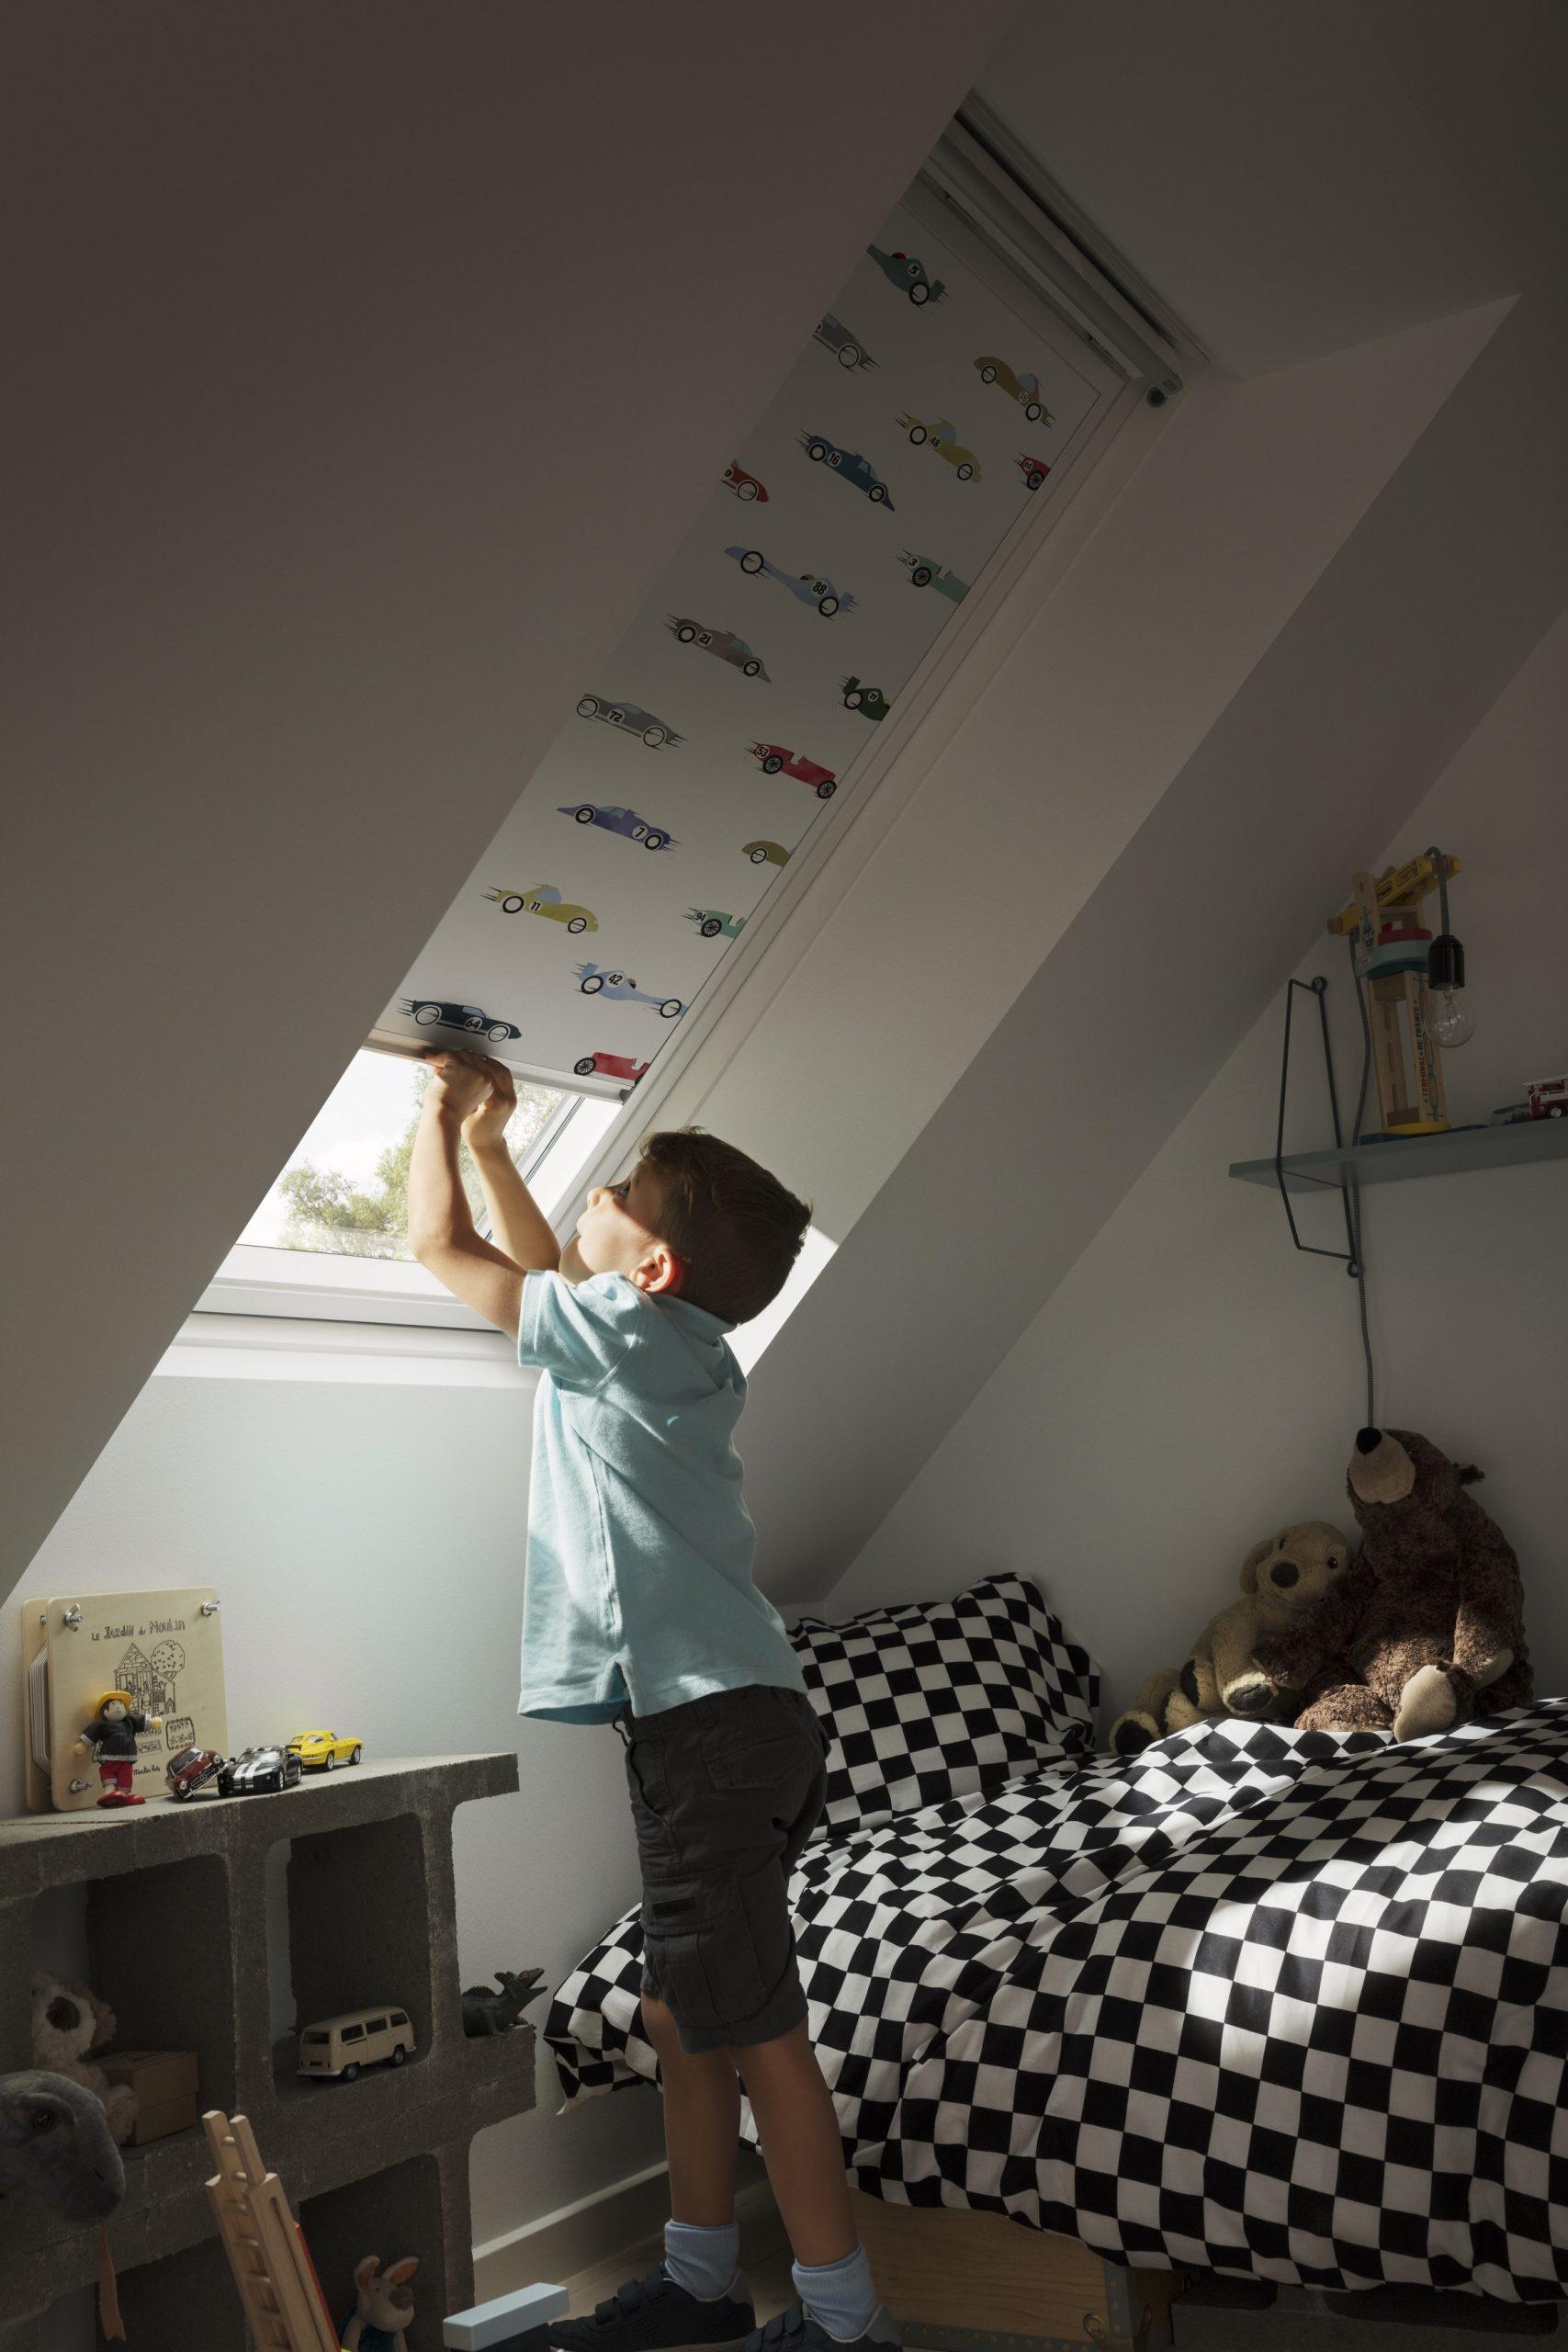 Chlapec sťahuje vzorované rolety v detskej